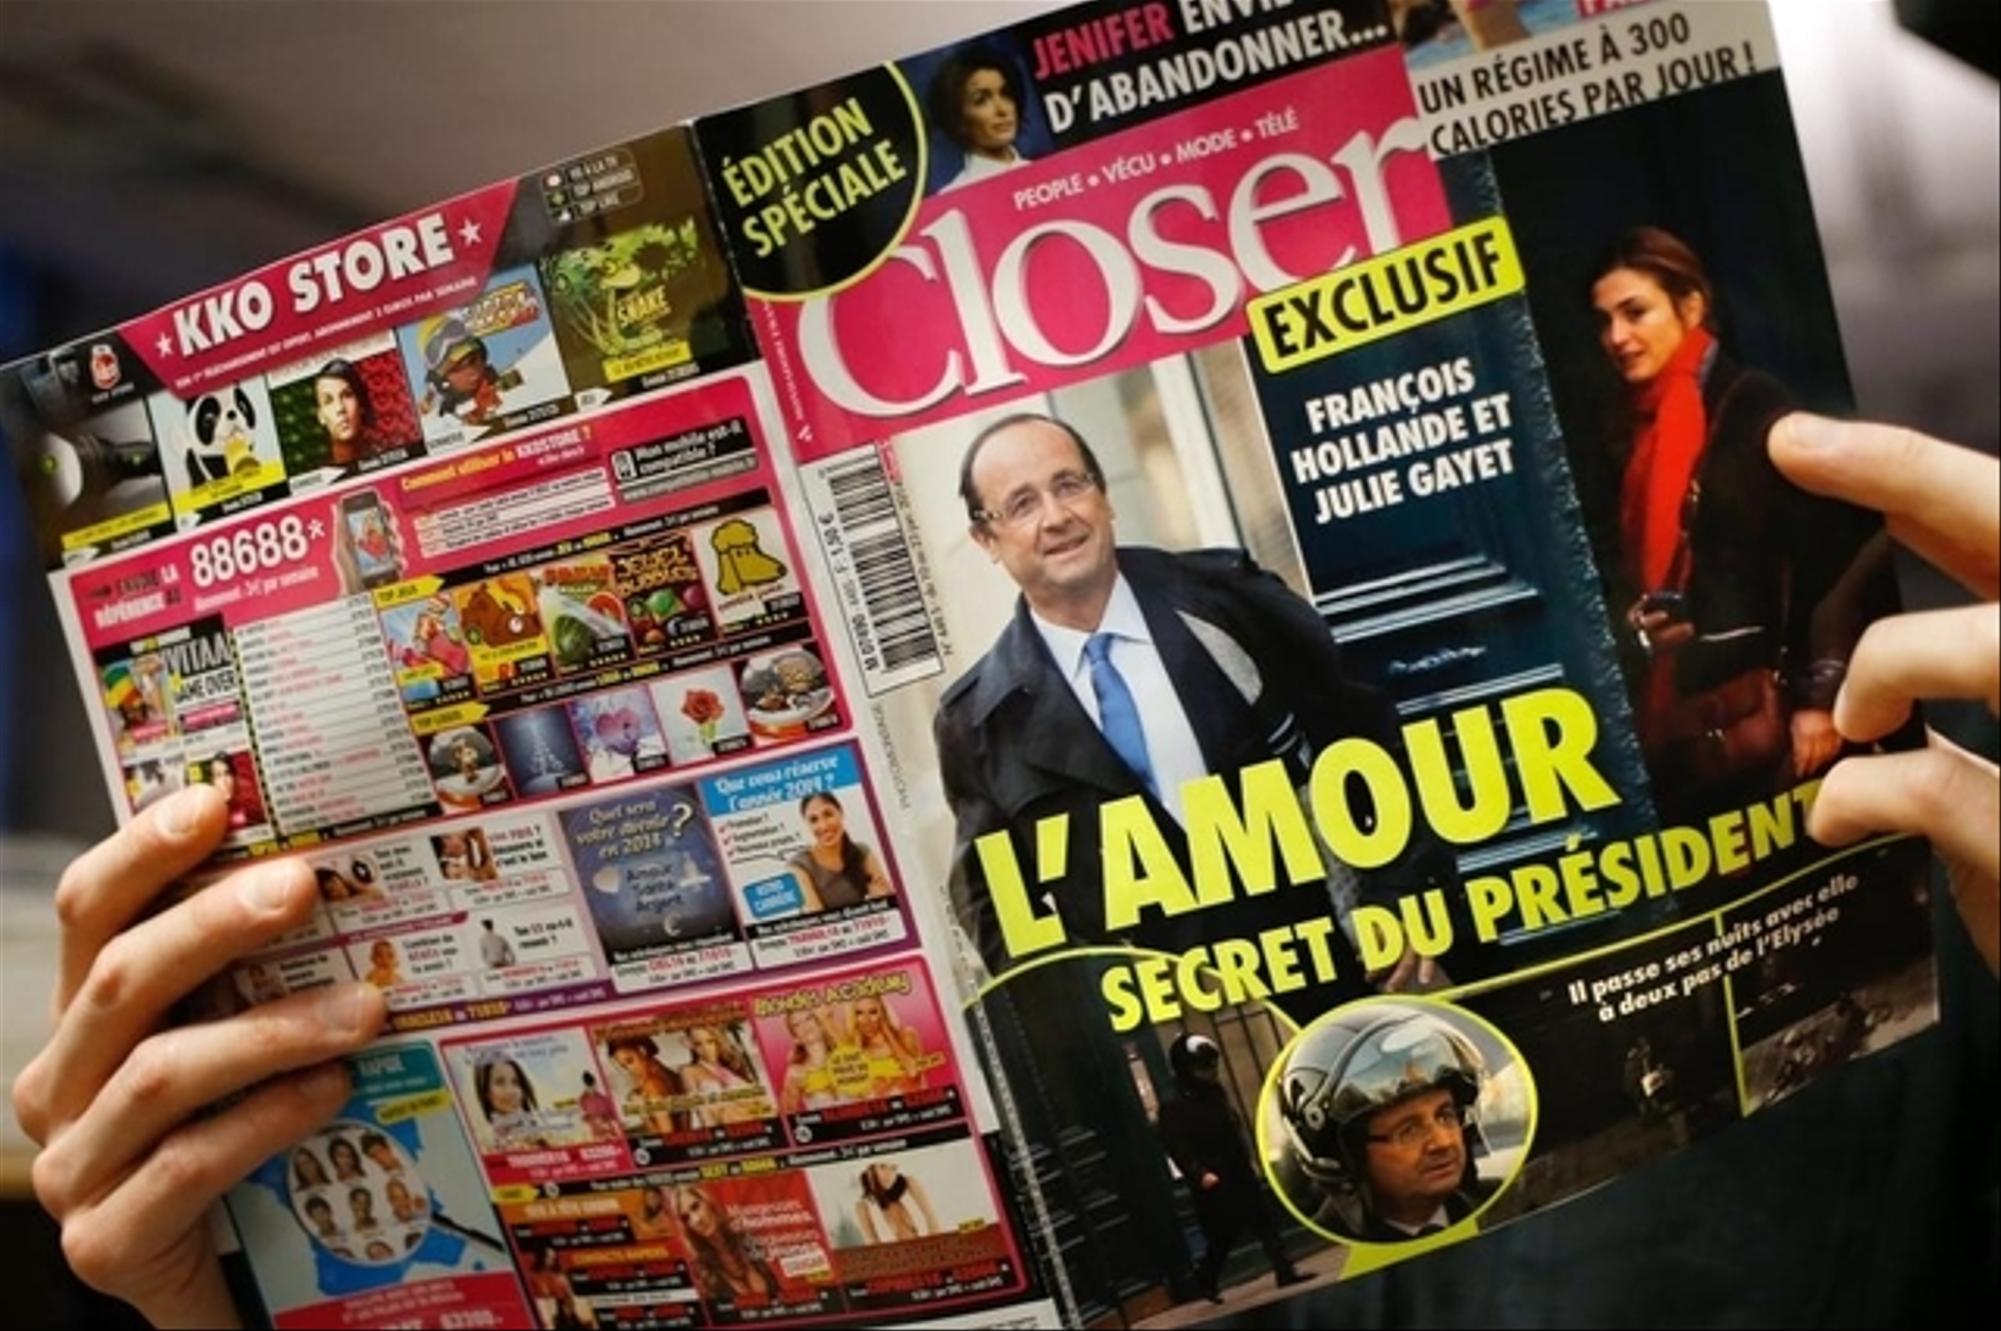 François Hollande infidèle ? Il aurait trompé Julie Gayet avec une danseuse de l'Opéra ! La comédienne réagit !